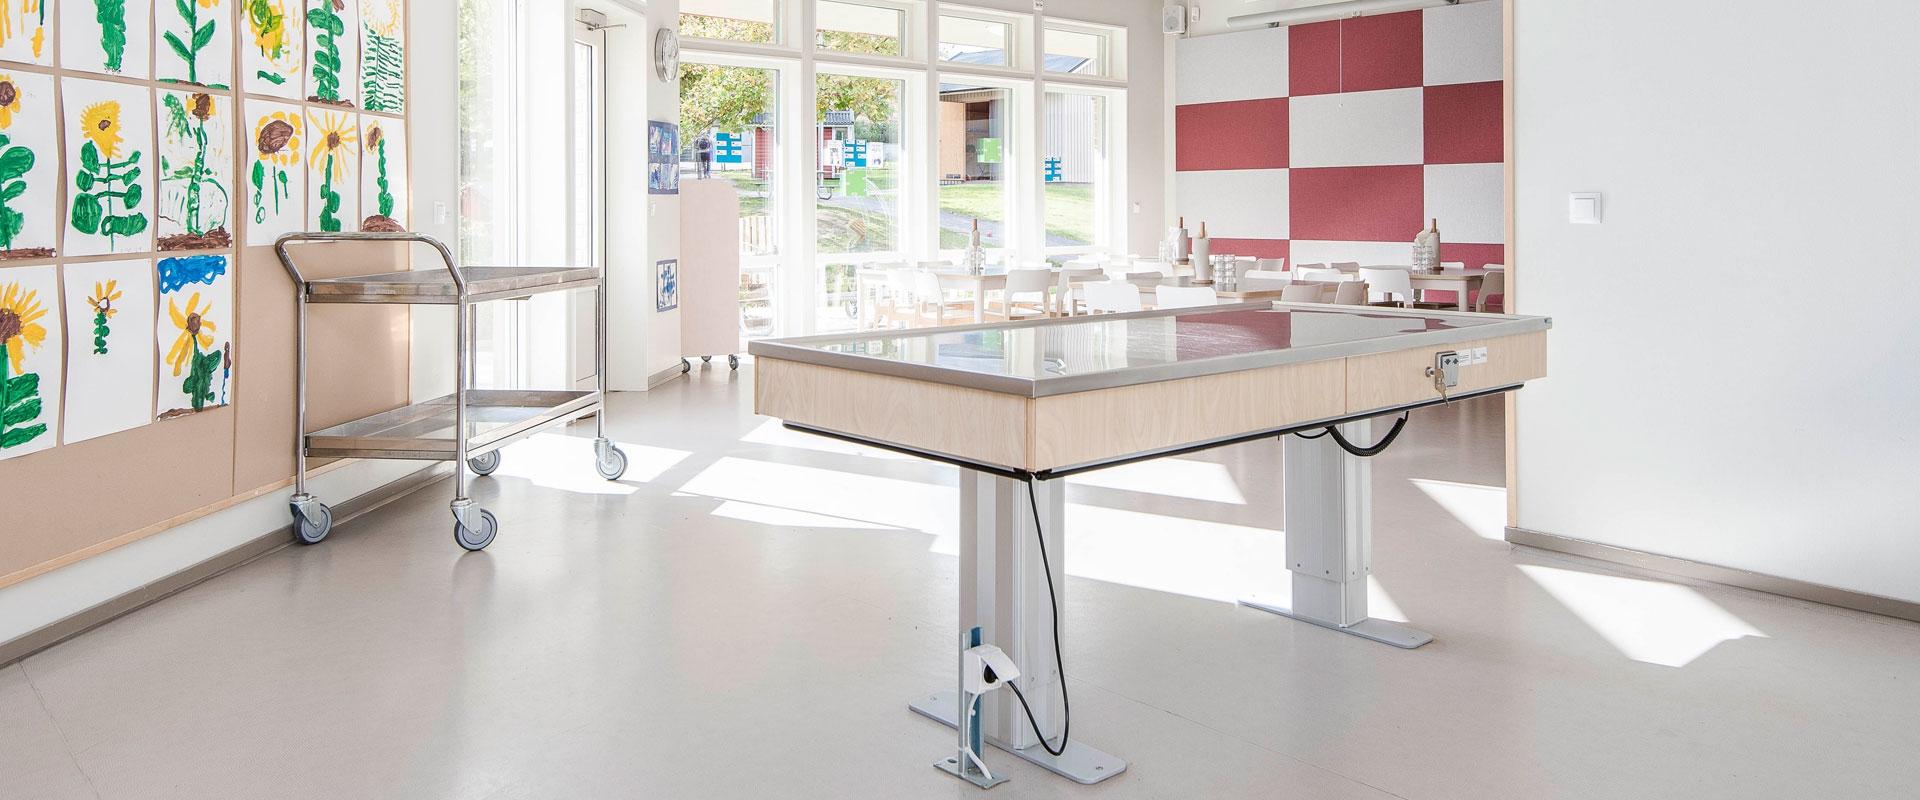 Höj- och sänkbara serveringsbord